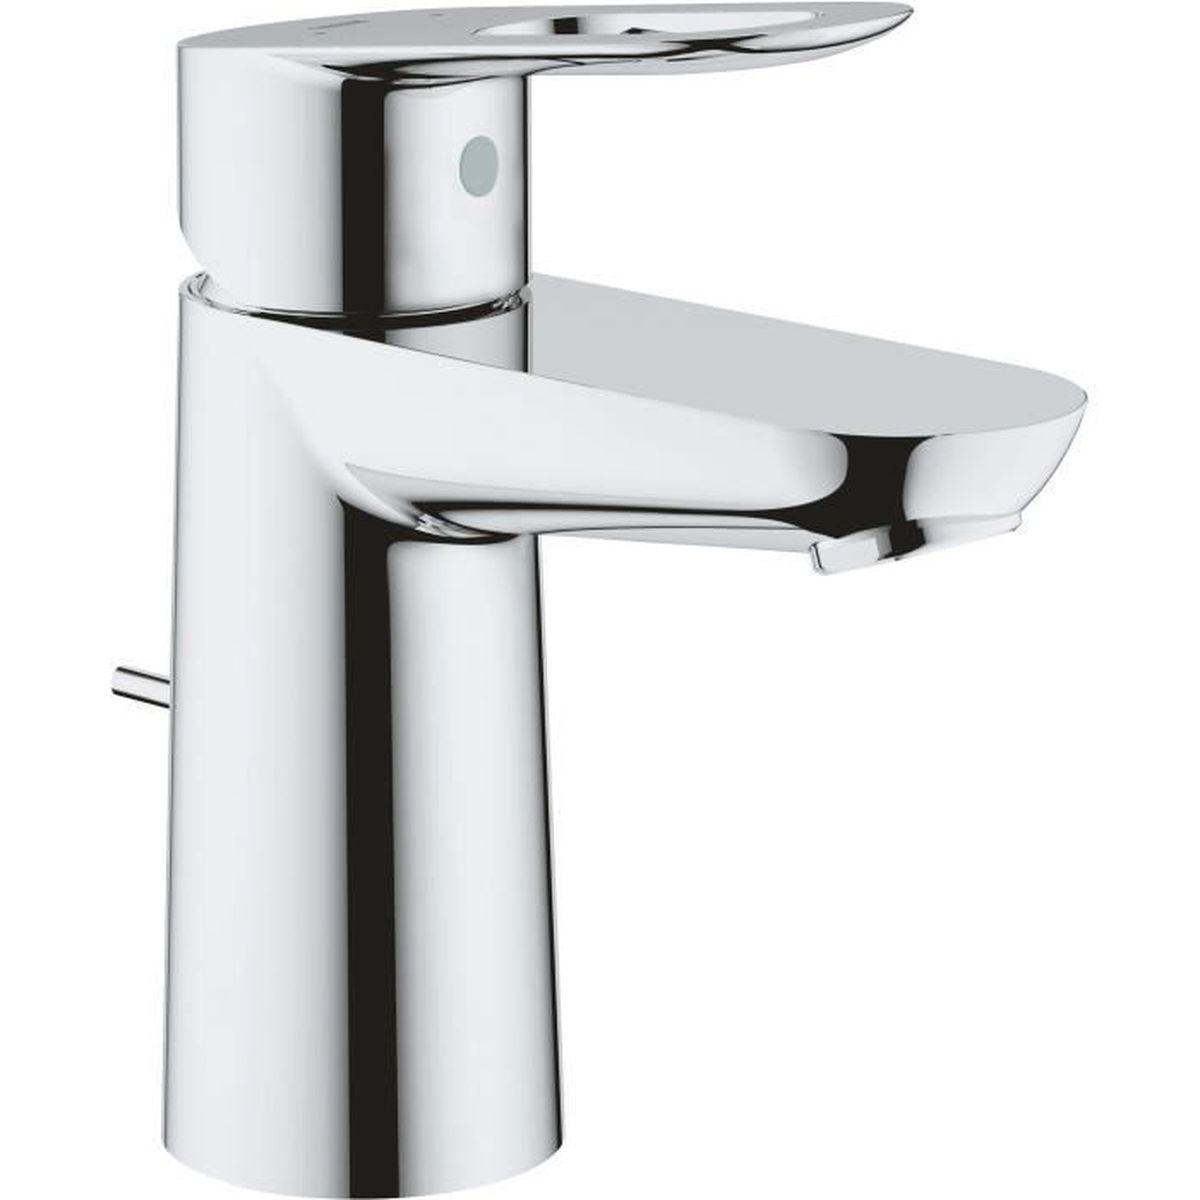 Mitigeurs lavabo - Achat / Vente Mitigeurs lavabo pas cher - Cdiscount